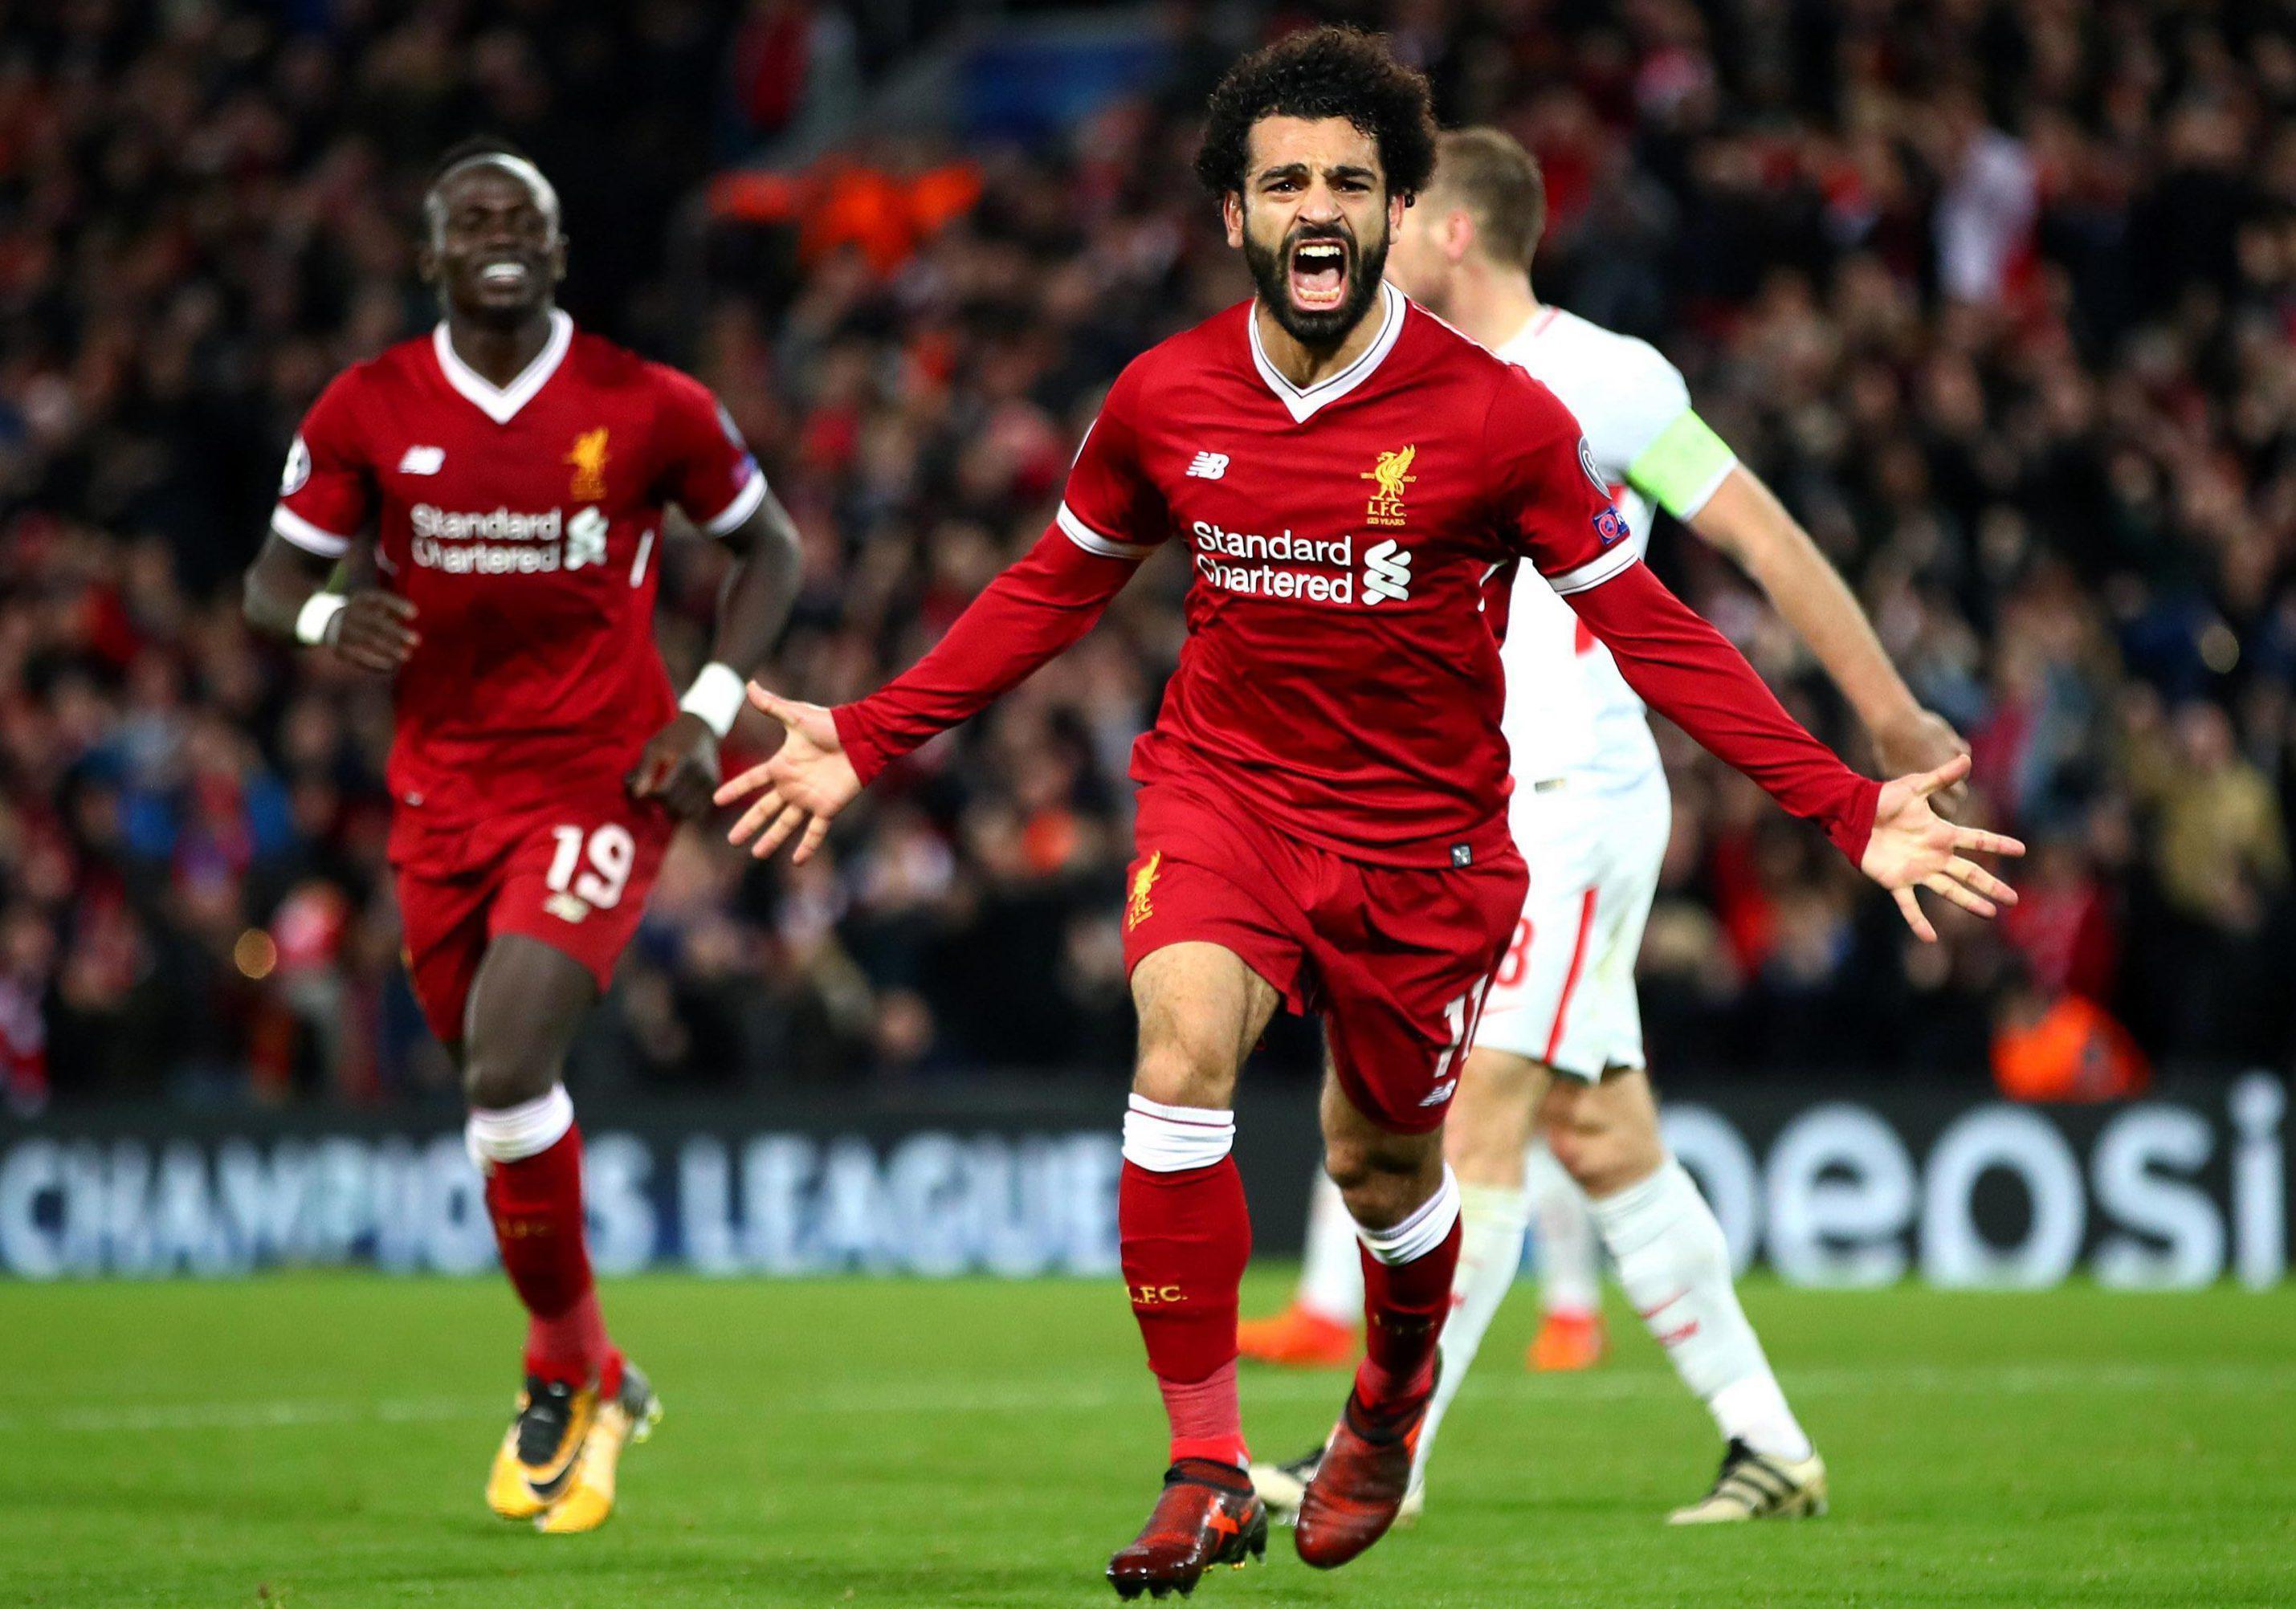 Salah has been an utter revelation